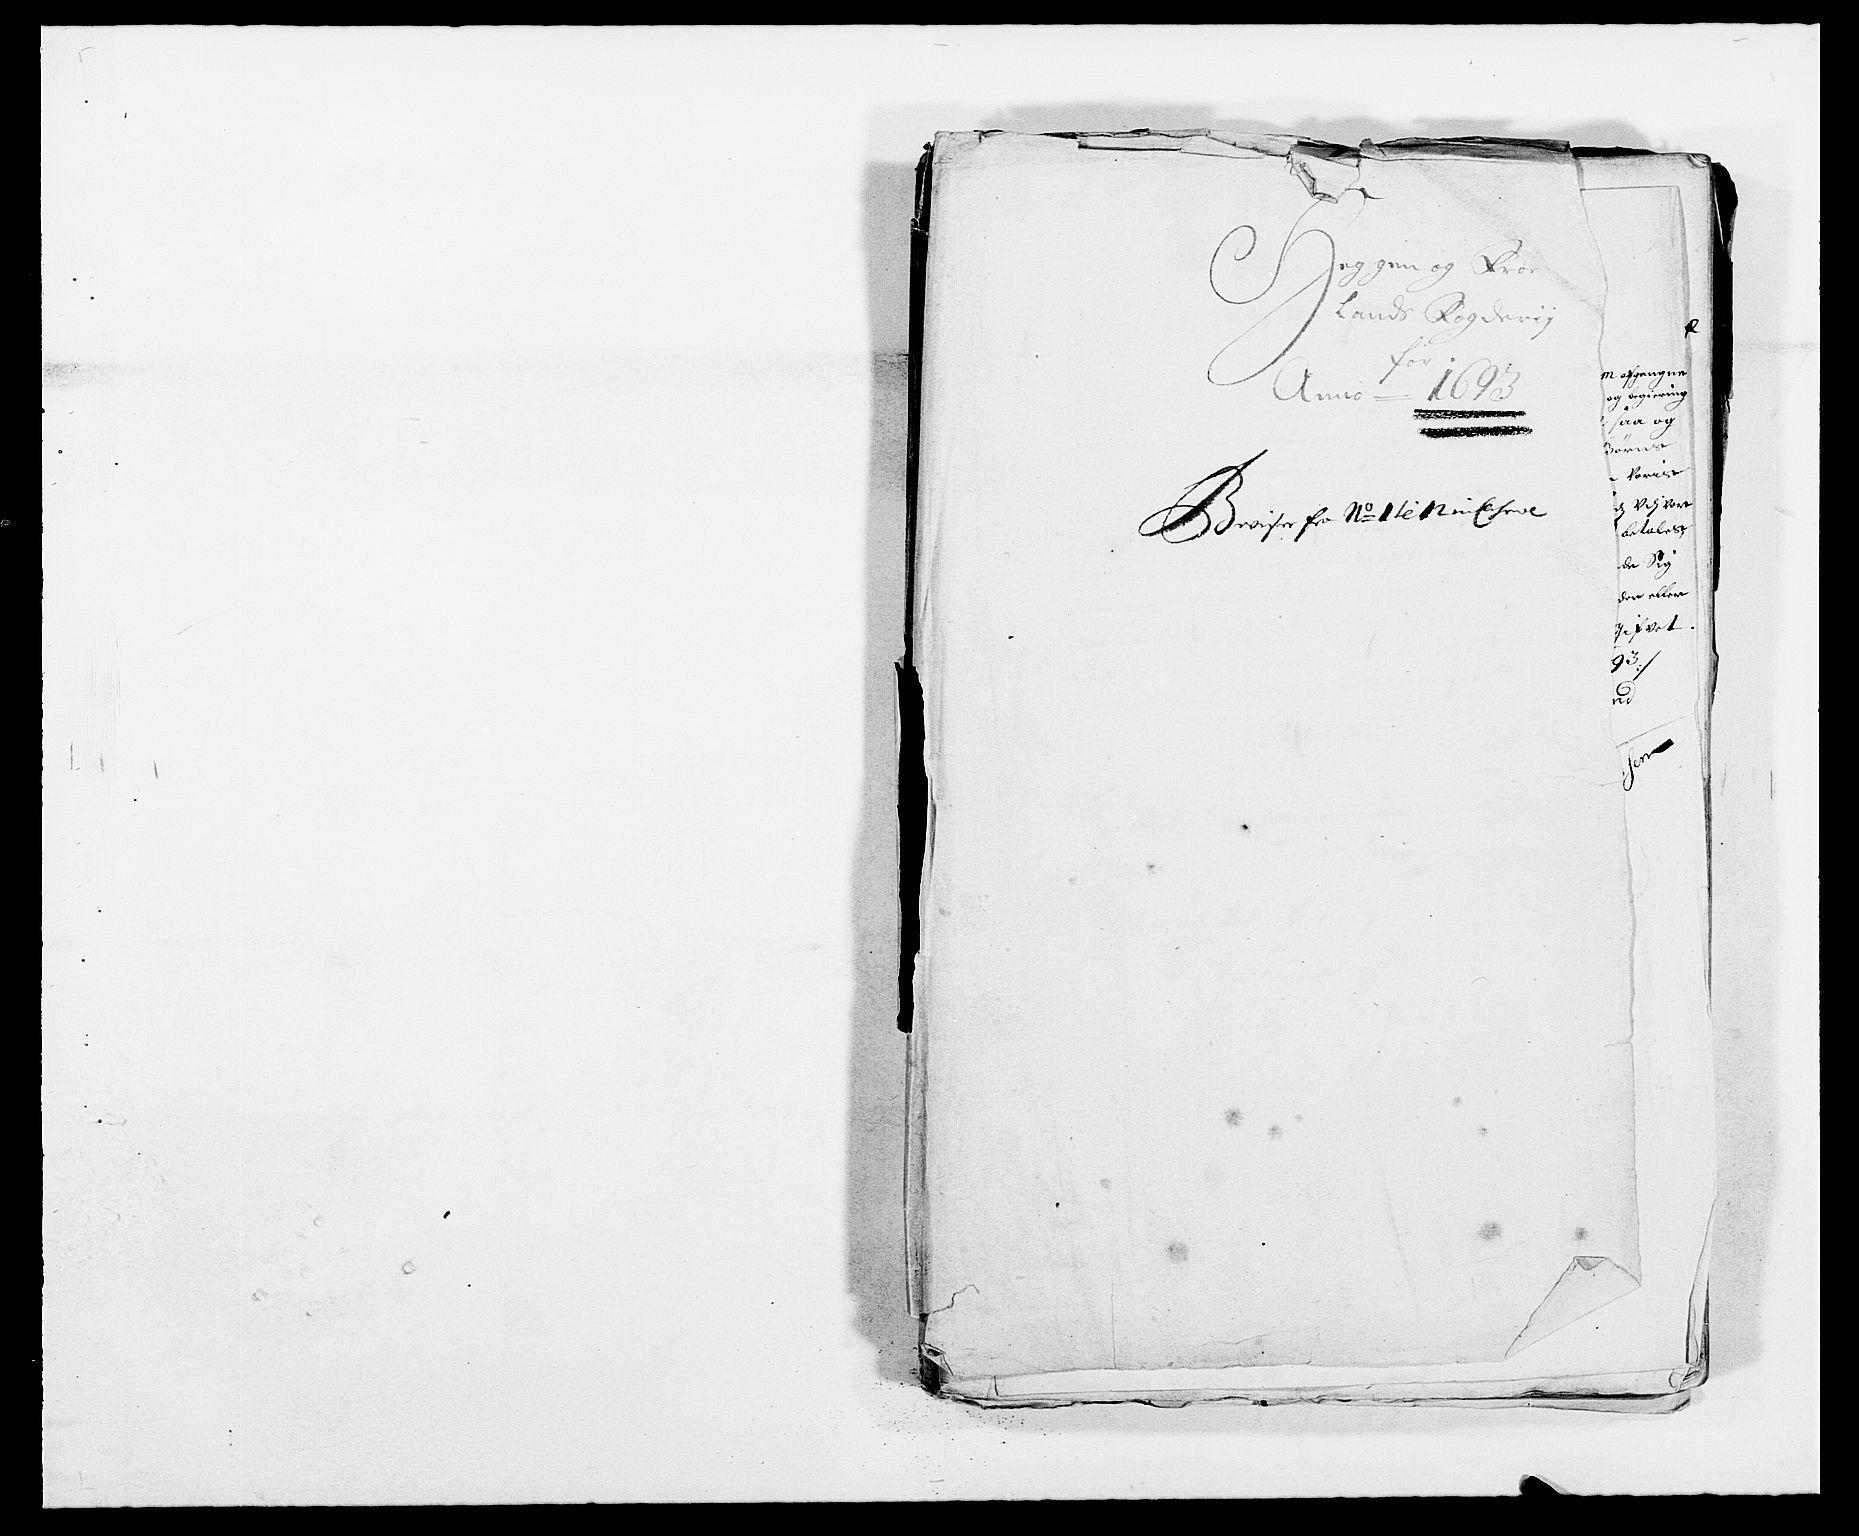 RA, Rentekammeret inntil 1814, Reviderte regnskaper, Fogderegnskap, R06/L0283: Fogderegnskap Heggen og Frøland, 1691-1693, s. 310